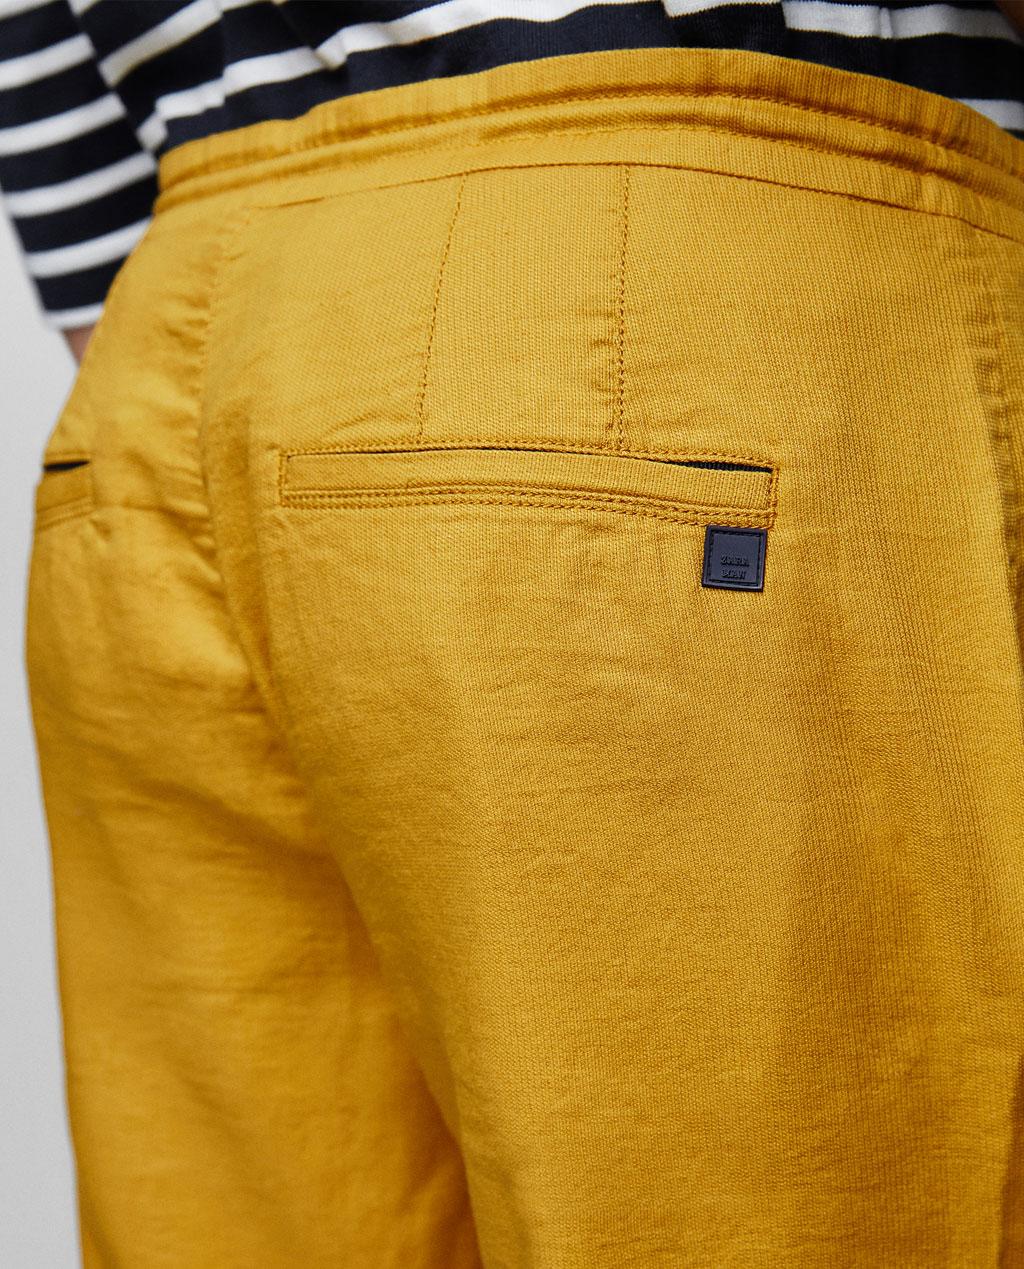 Thời trang nam Zara  24147 - ảnh 7